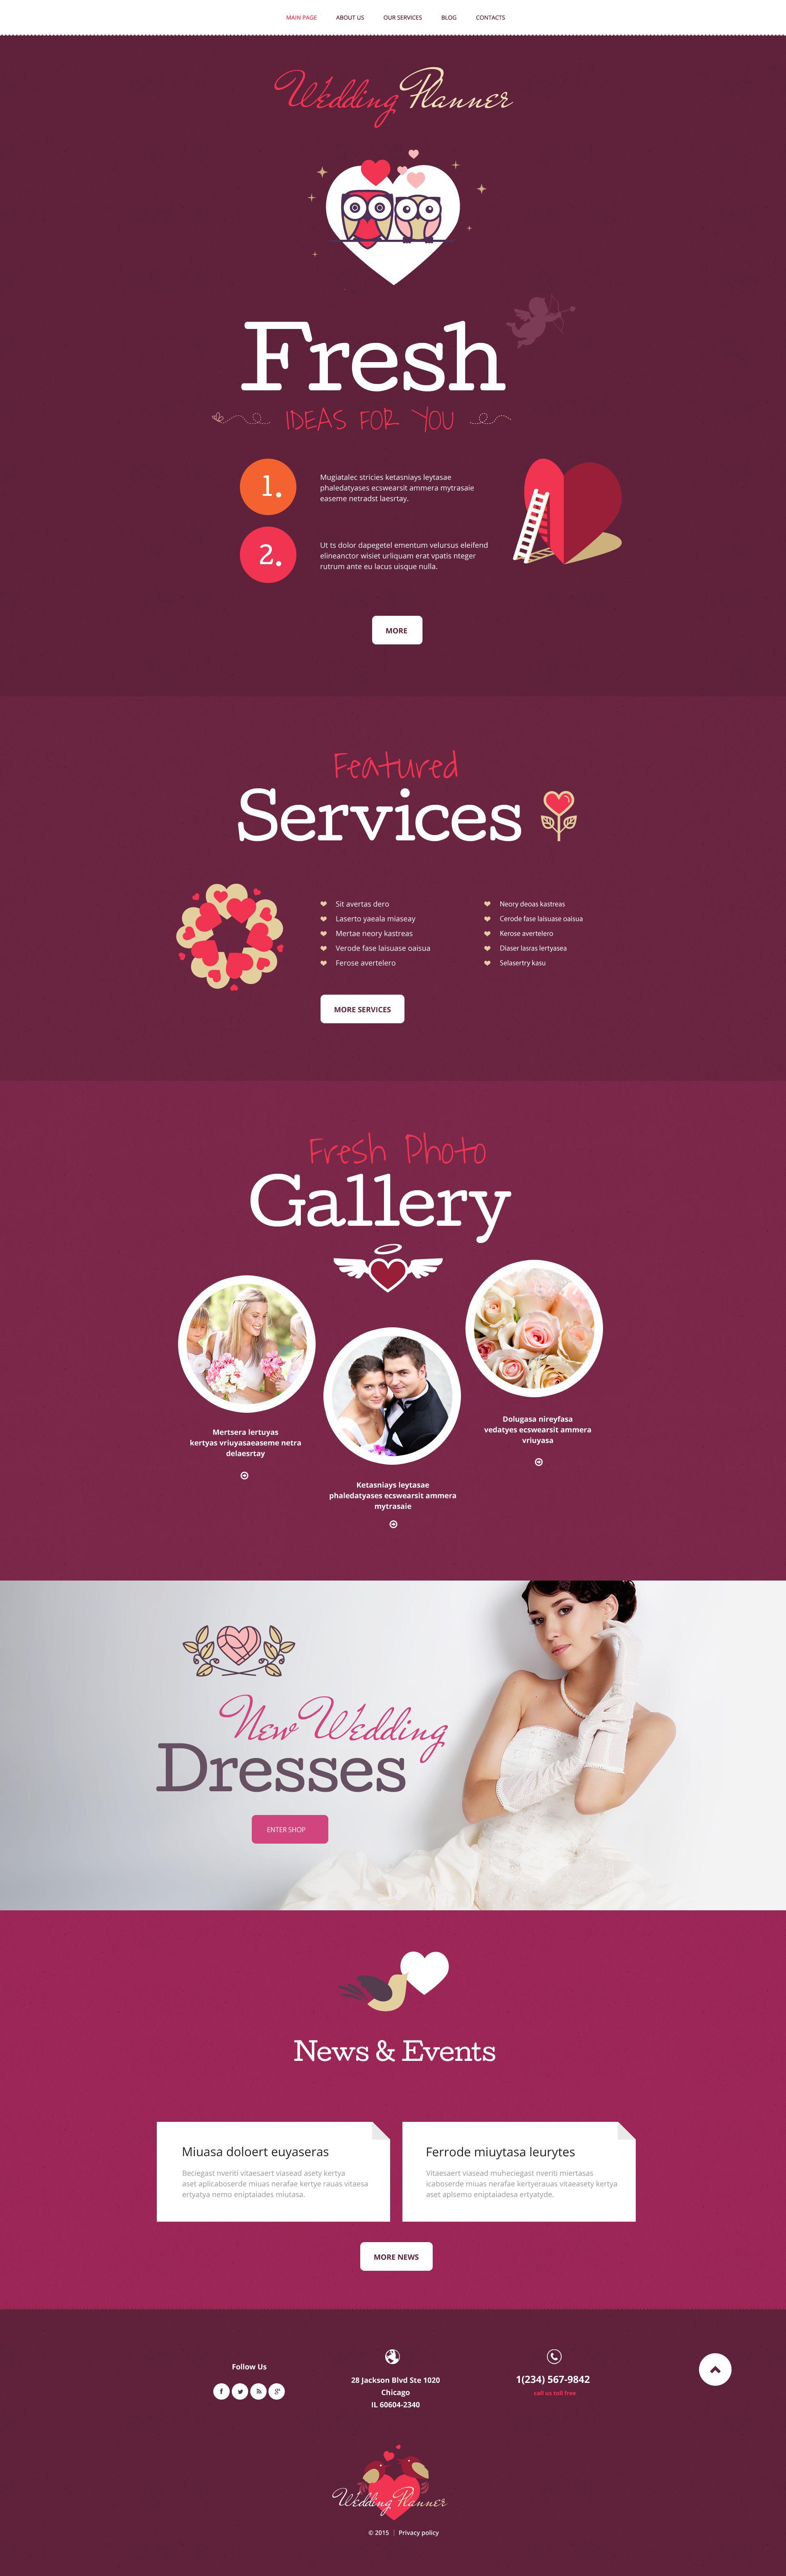 Responsywny motyw WordPress Wedding Planner #55043 - zrzut ekranu